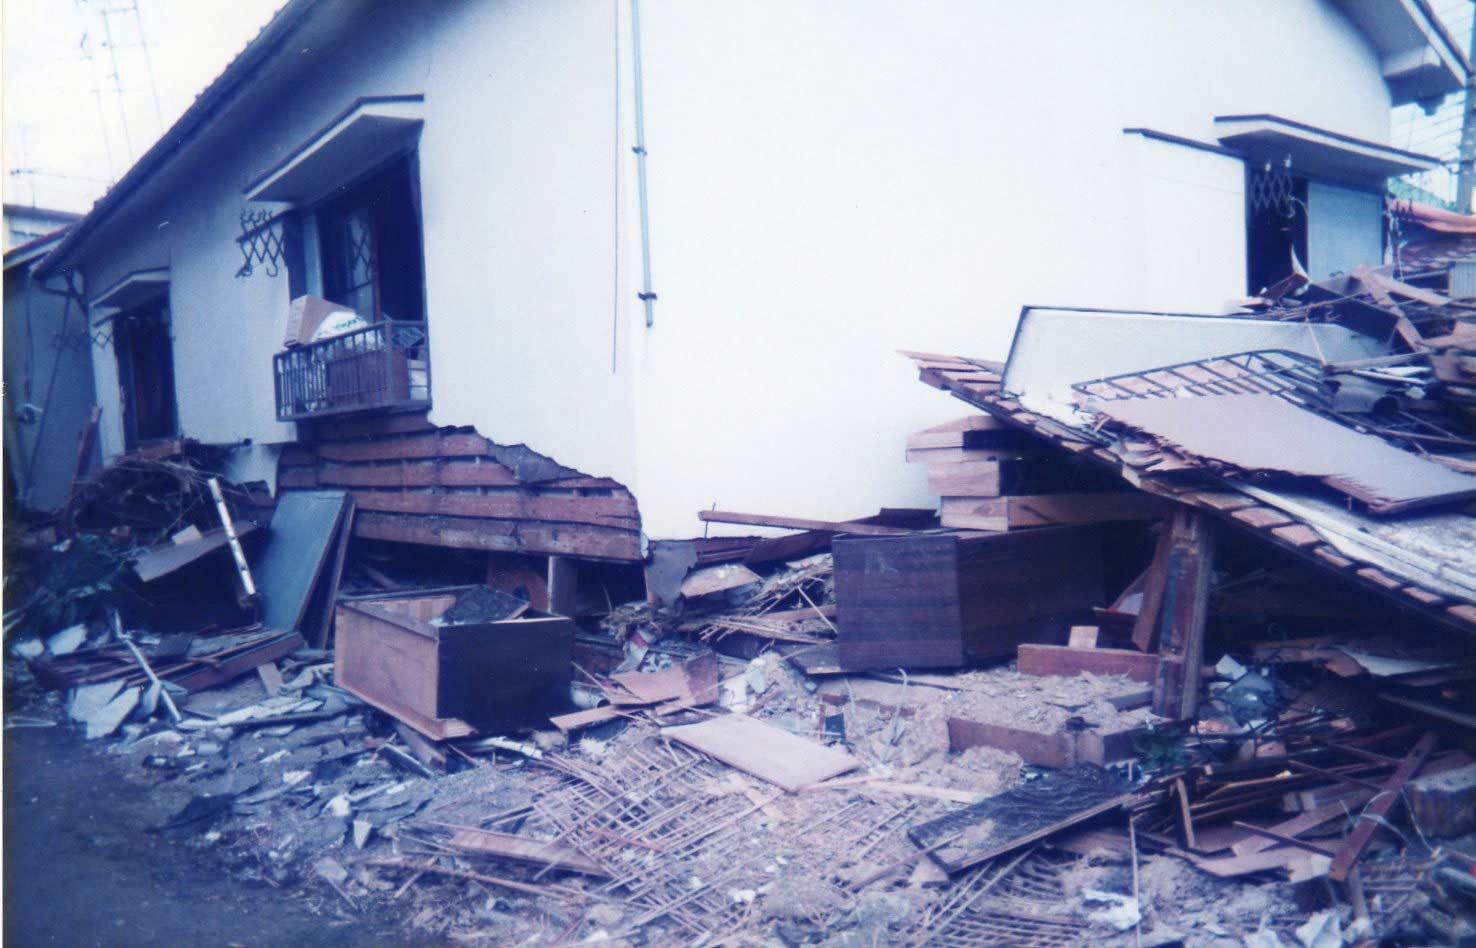 阪神淡路大震災では約25万棟が全半壊。全壊した木造住宅